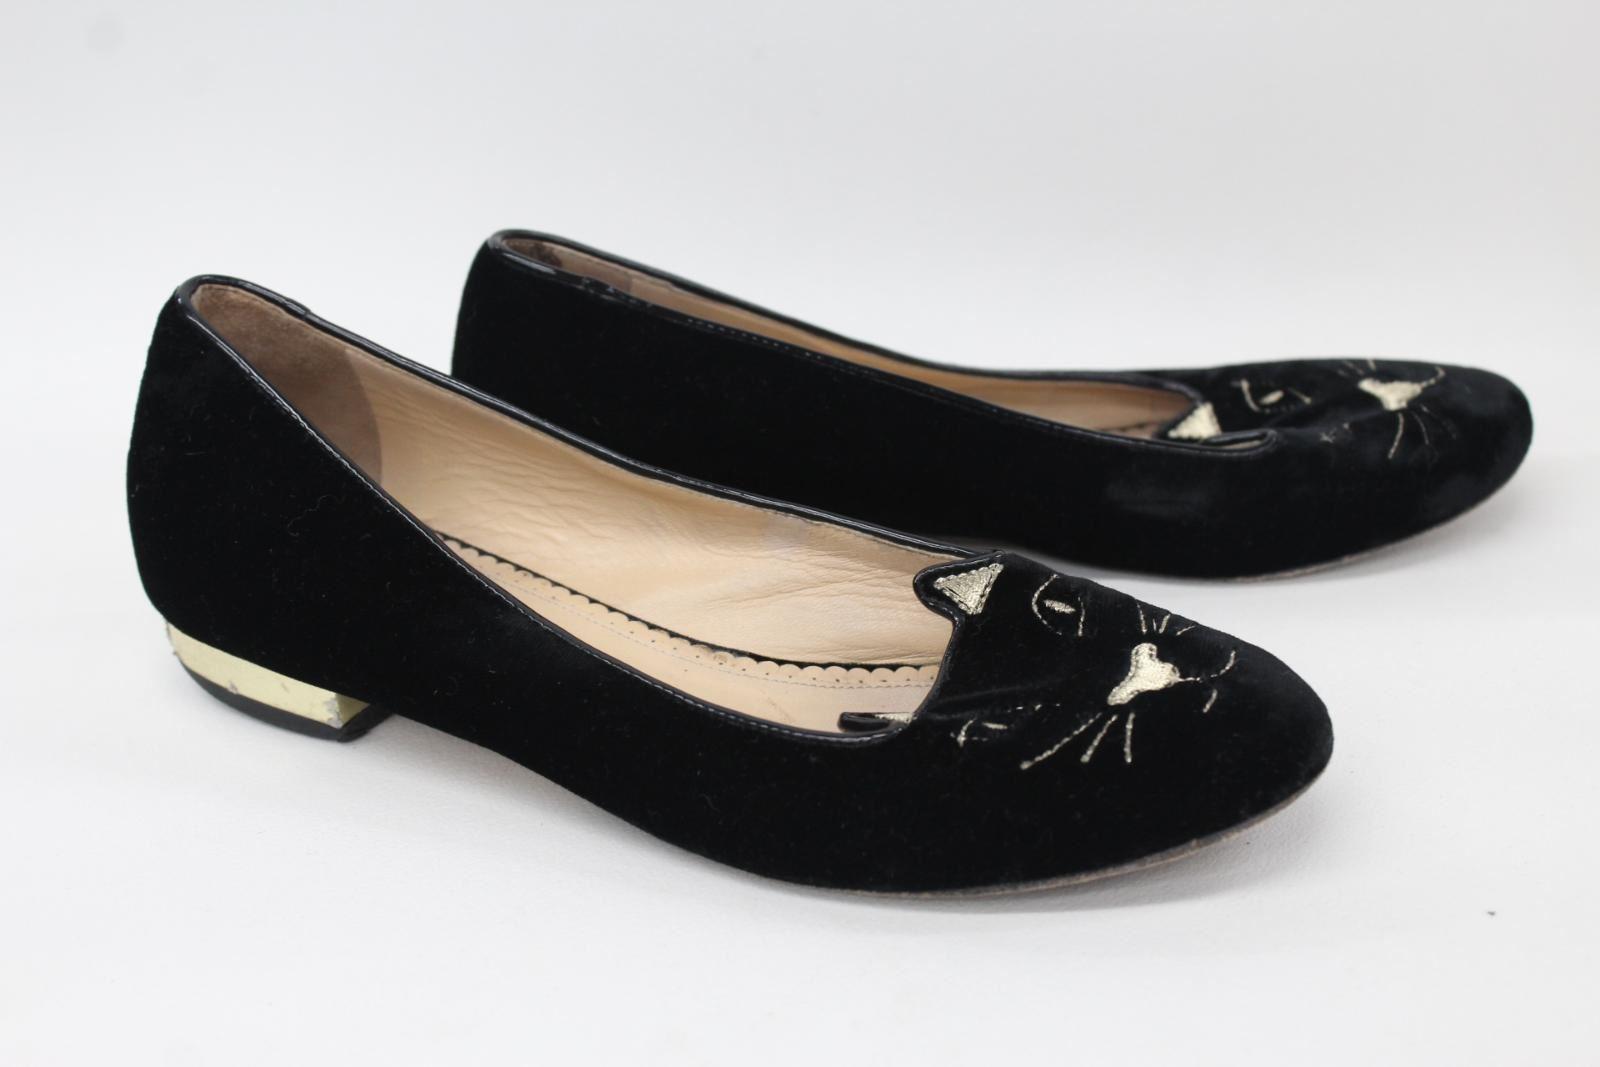 Angemessen Charlotte Olympia Ladies Black Velvet Kitty Flat Ballerina Shoes Uk4 Eu37 Um Das KöRpergewicht Zu Reduzieren Und Das Leben Zu VerläNgern